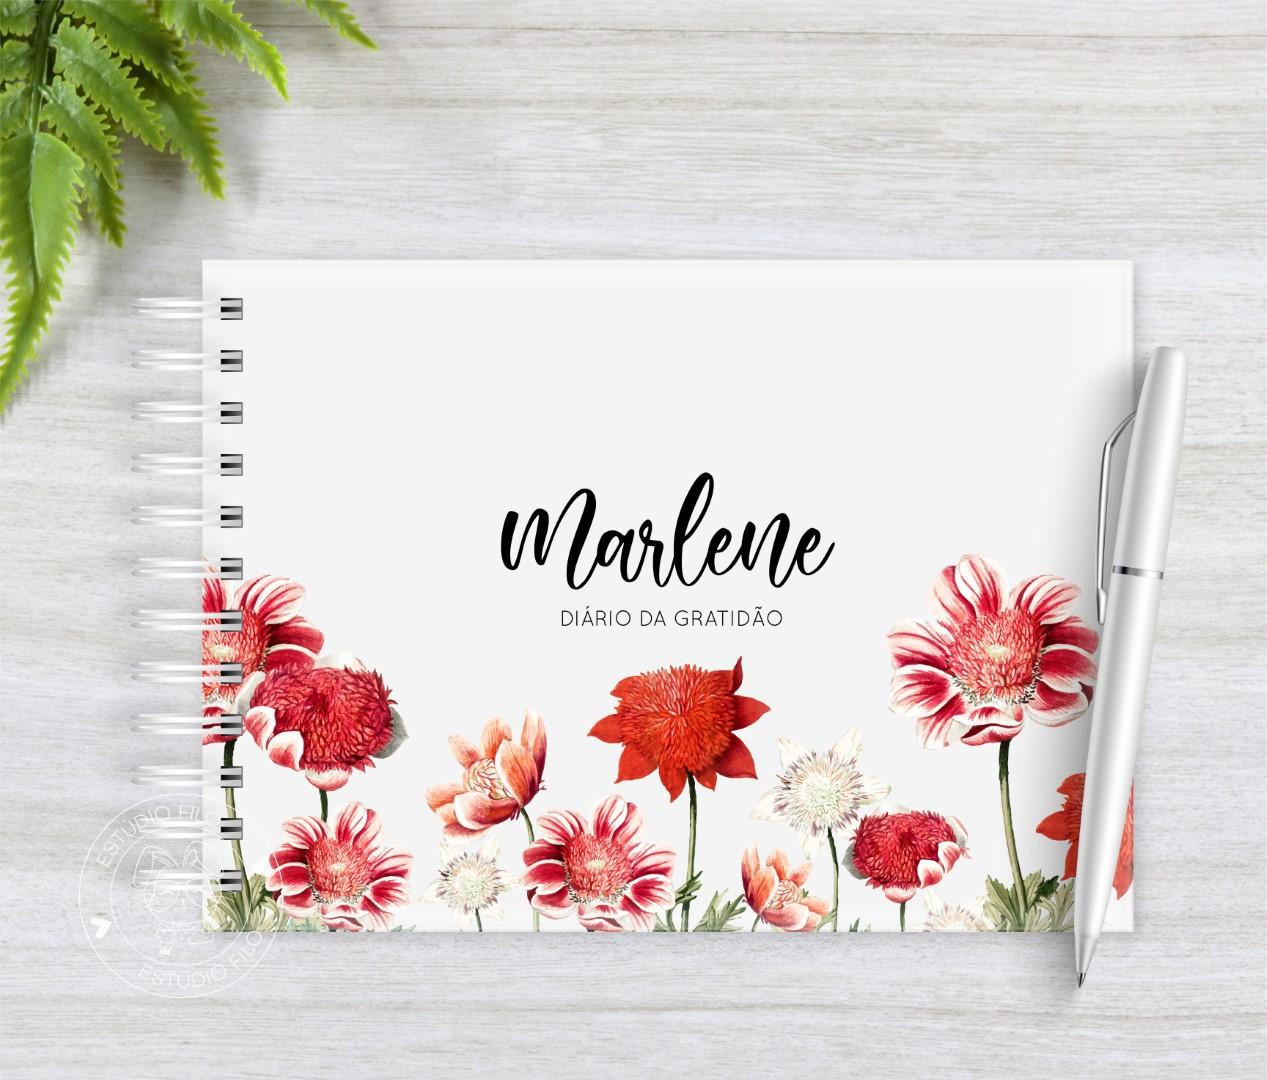 Diário da Gratidão floral